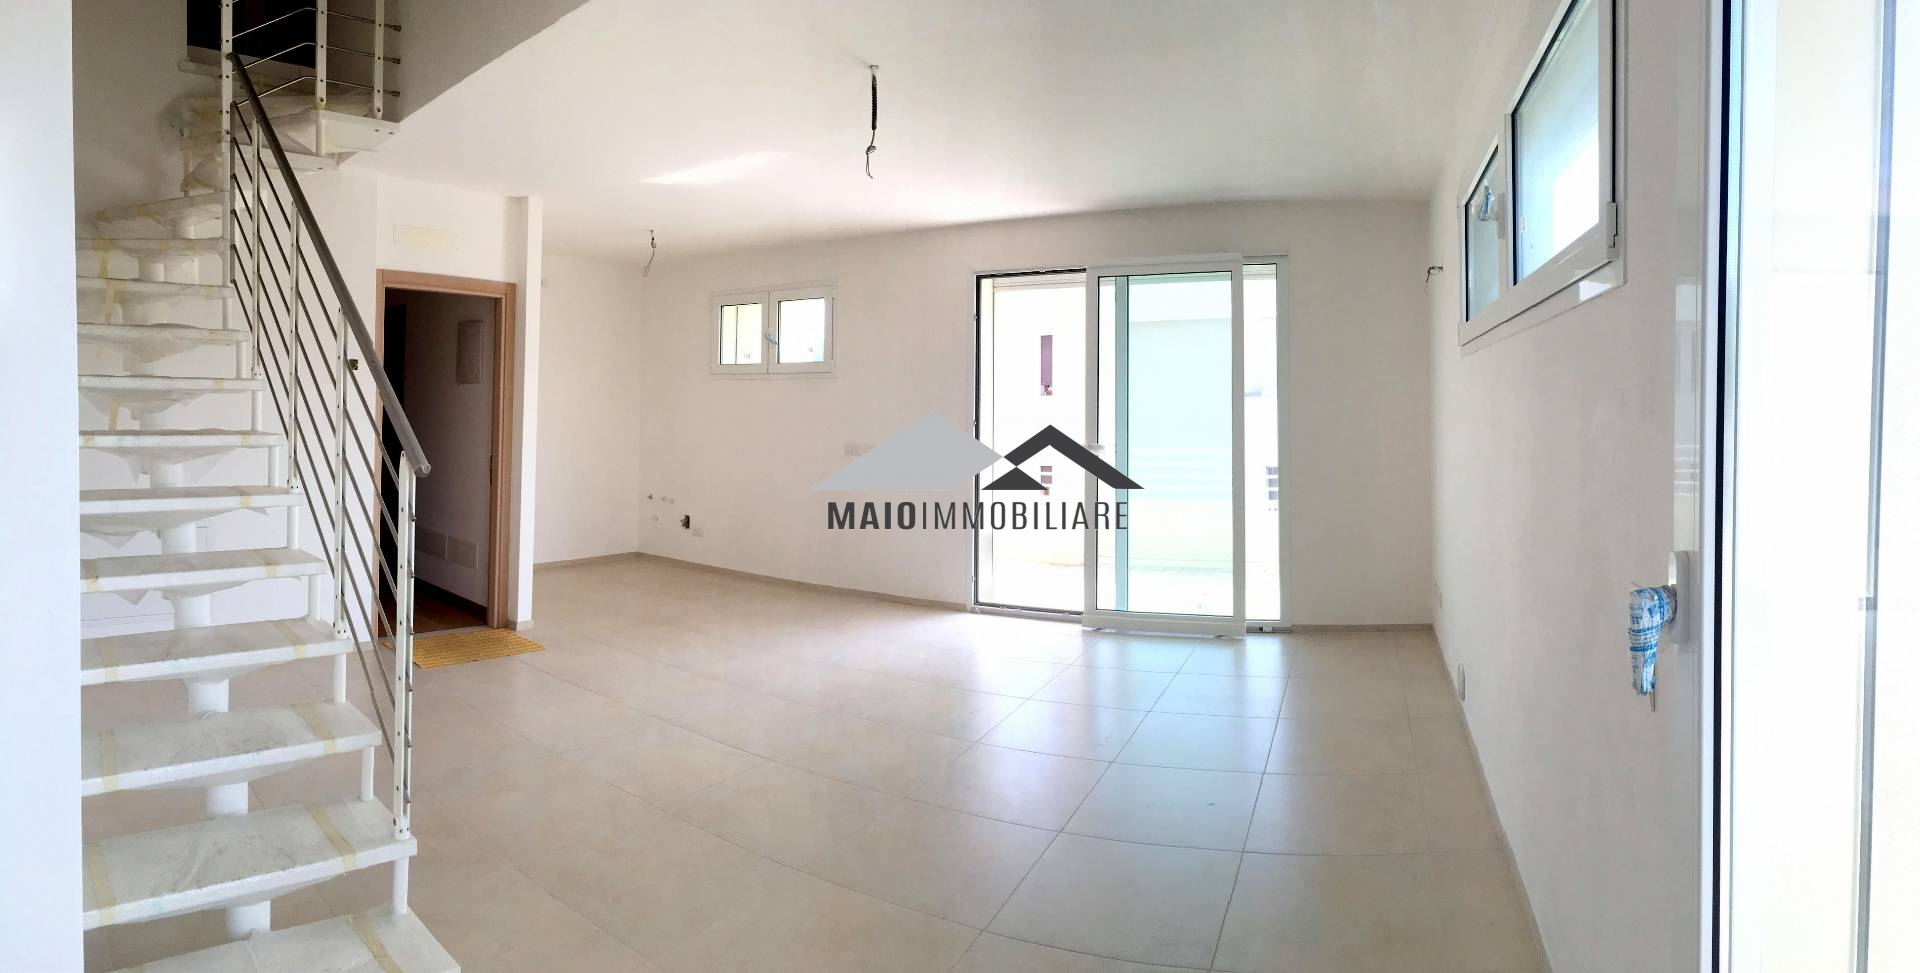 Attico / Mansarda in vendita a Riccione, 4 locali, zona Località: PAESE, prezzo € 535.000 | CambioCasa.it